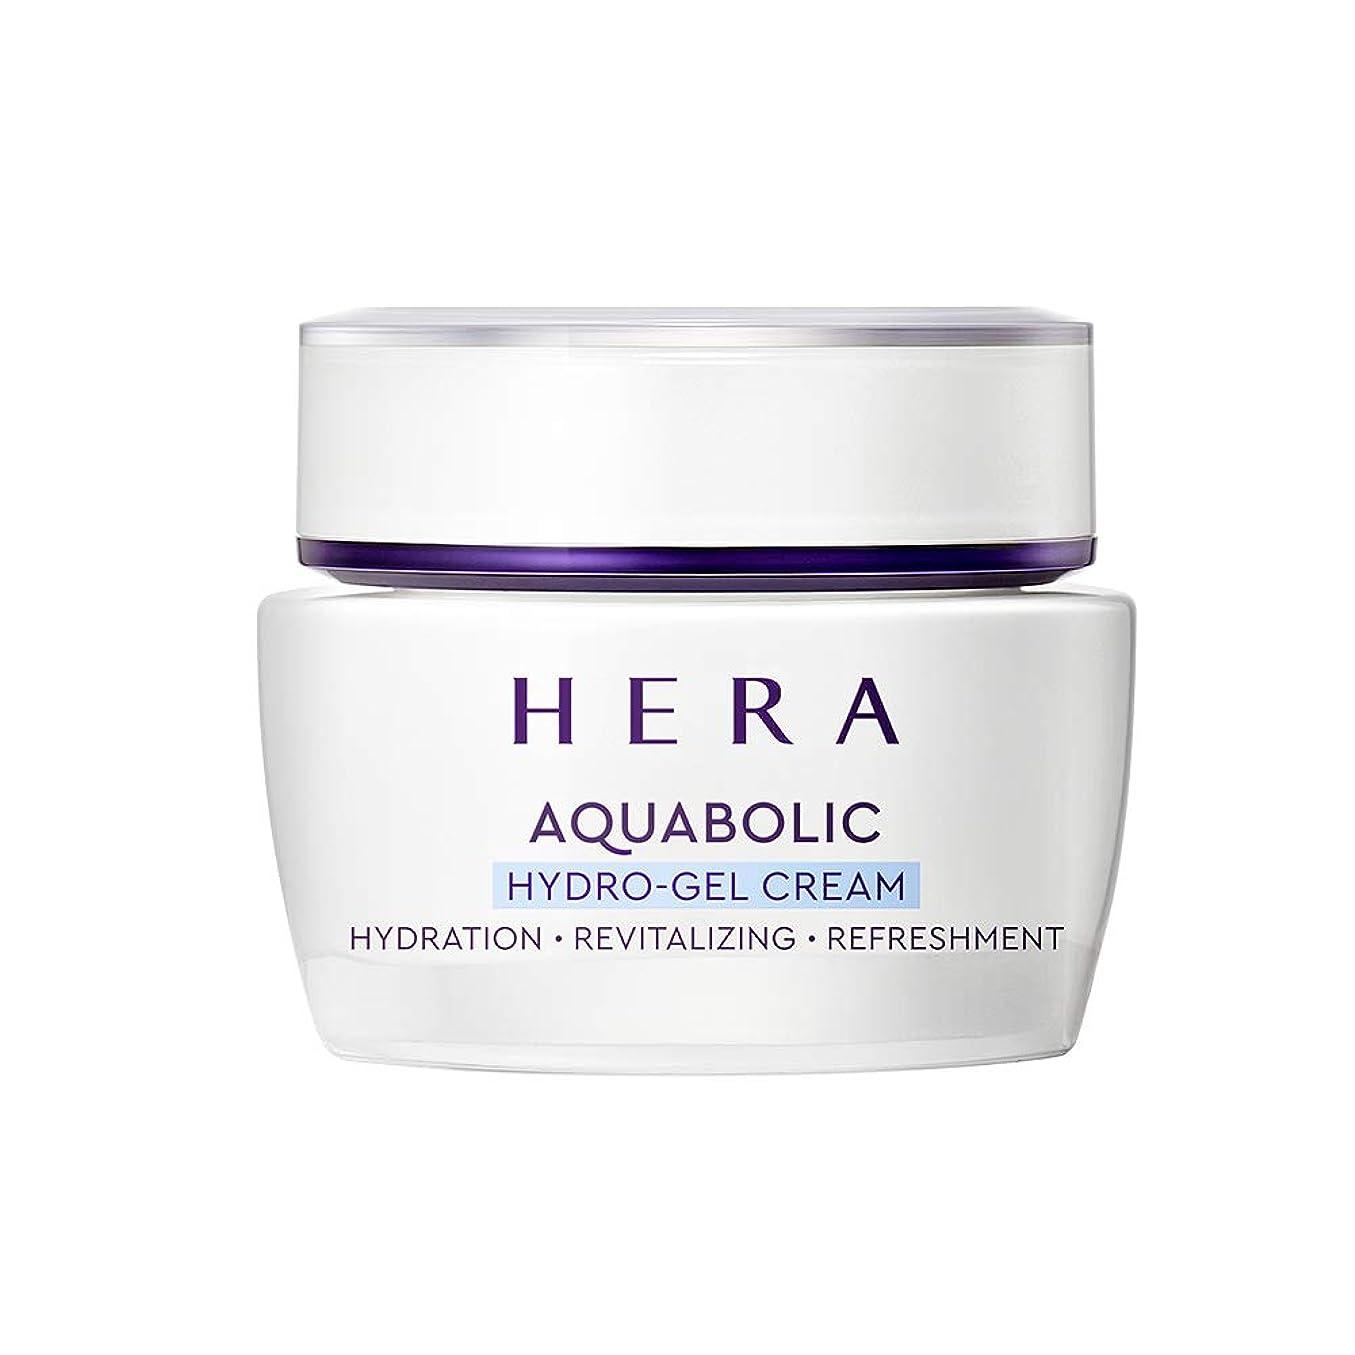 弓合意彫刻家【HERA公式】ヘラ アクアボリック ハイドロ-ジェル クリーム 50mL/HERA Aquabolic Hydro-gel Cream 50mL